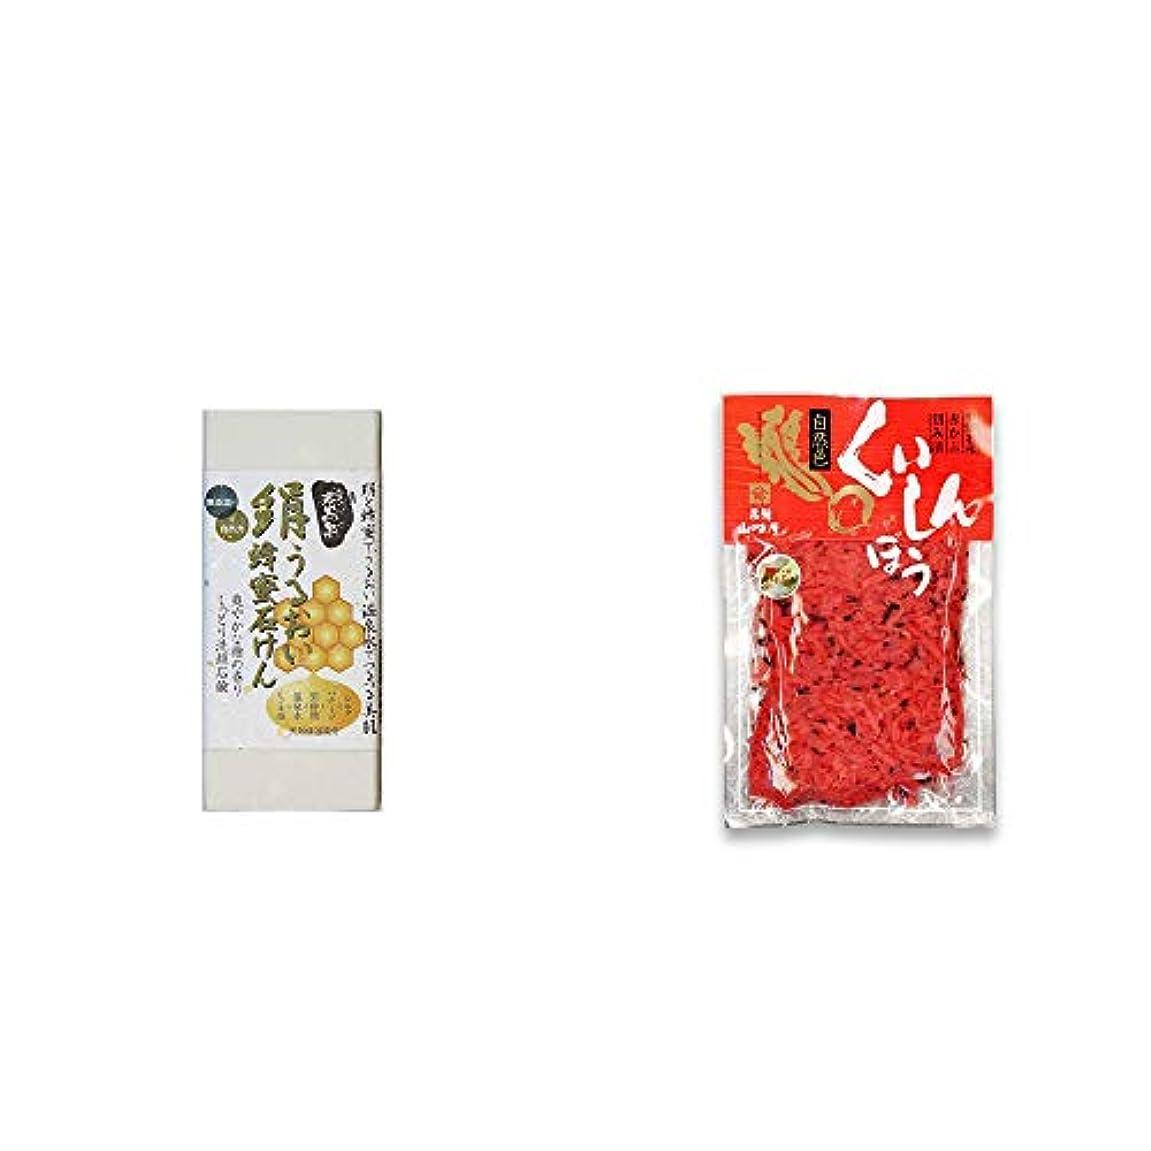 ジュース津波銀行[2点セット] ひのき炭黒泉 絹うるおい蜂蜜石けん(75g×2)?飛騨山味屋 くいしんぼう【小】 (160g)